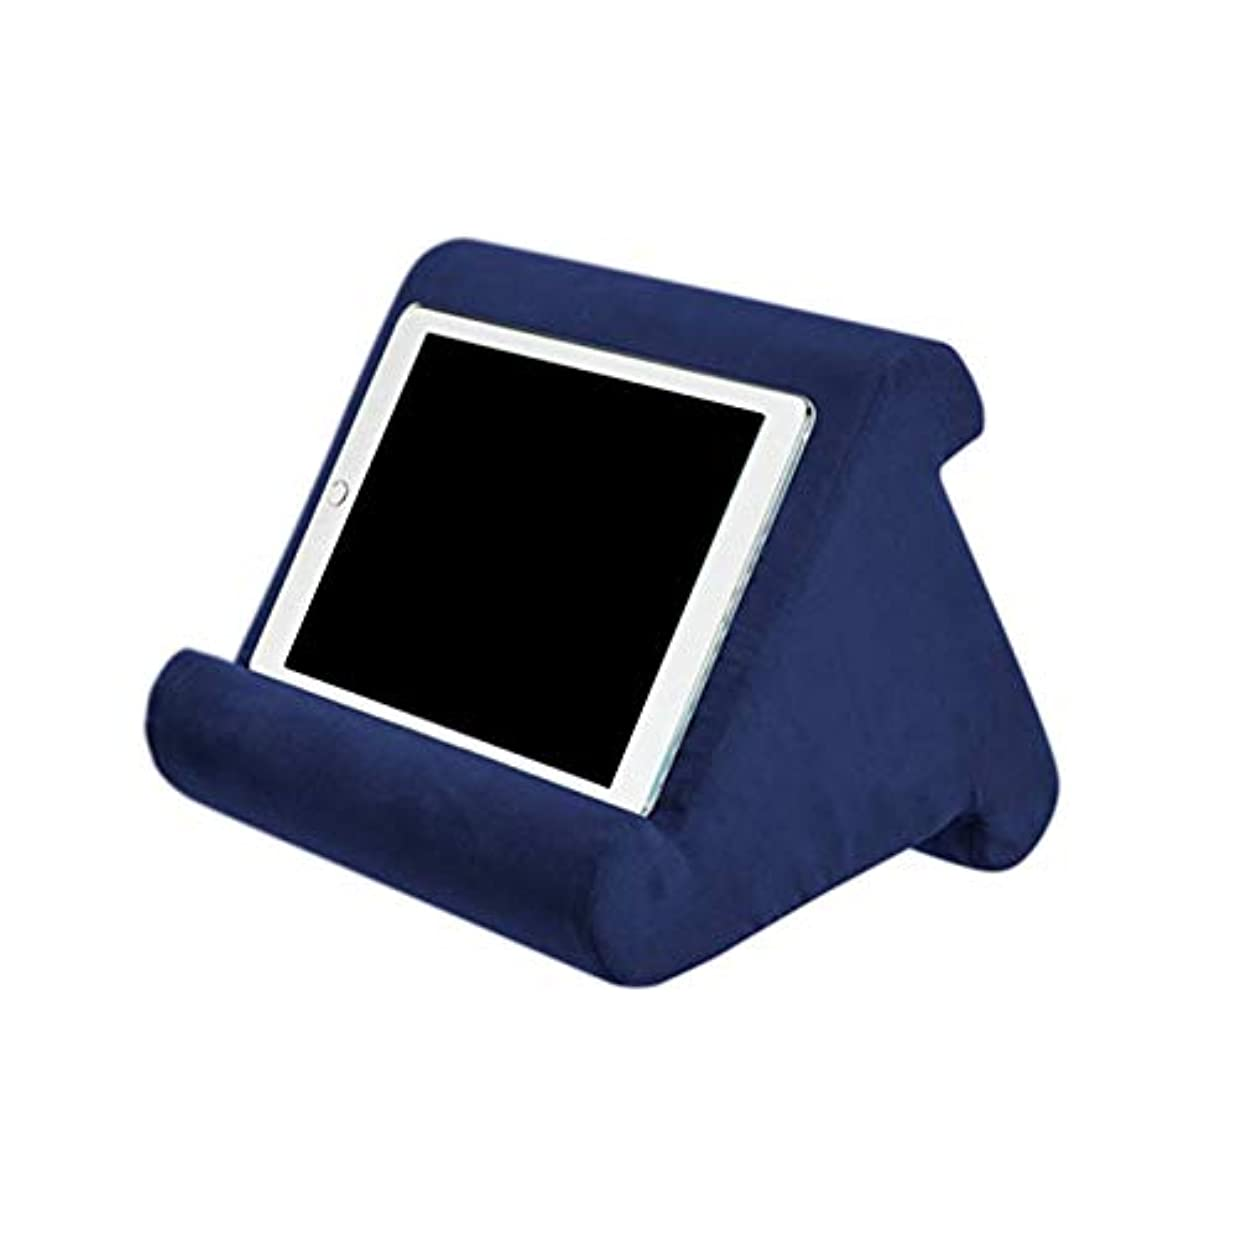 避けられない思いやり意気消沈したLIFE家庭用タブレット枕ホルダースタンドブック残り読書サポートクッションベッドソファマルチアングルソフト枕ラップスタンドクッションクッション 椅子